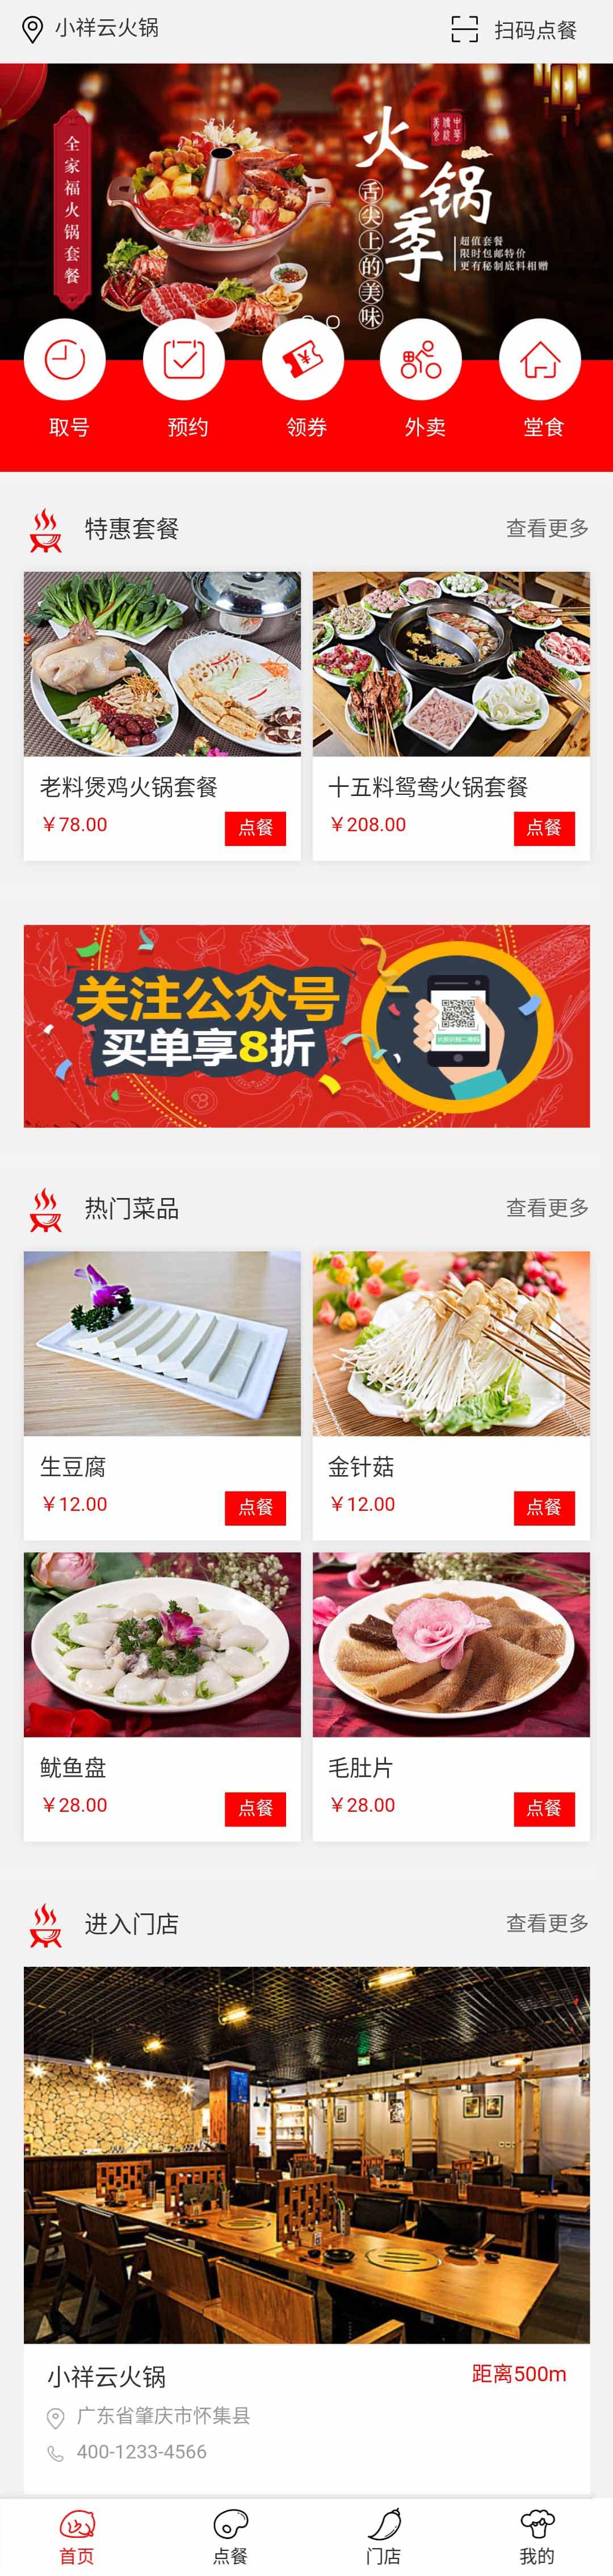 小祥云火锅餐饮小程序模板